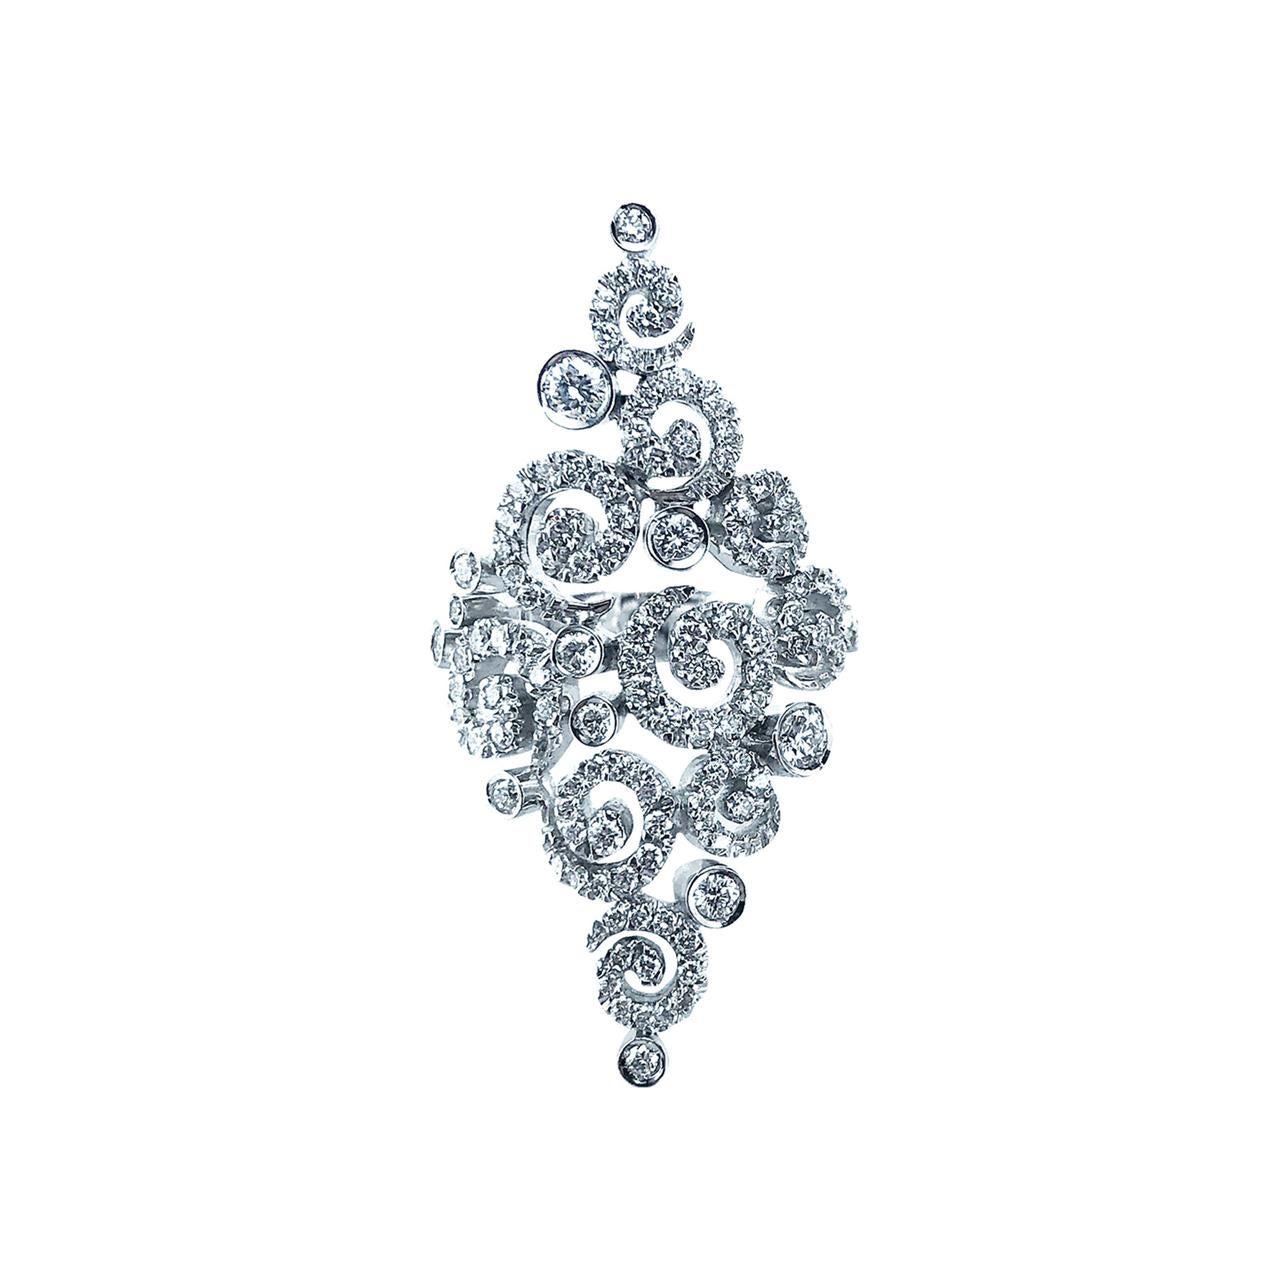 Stefan Hafner 1.22 Carat 18kt White Gold Swirl Diamond Ring